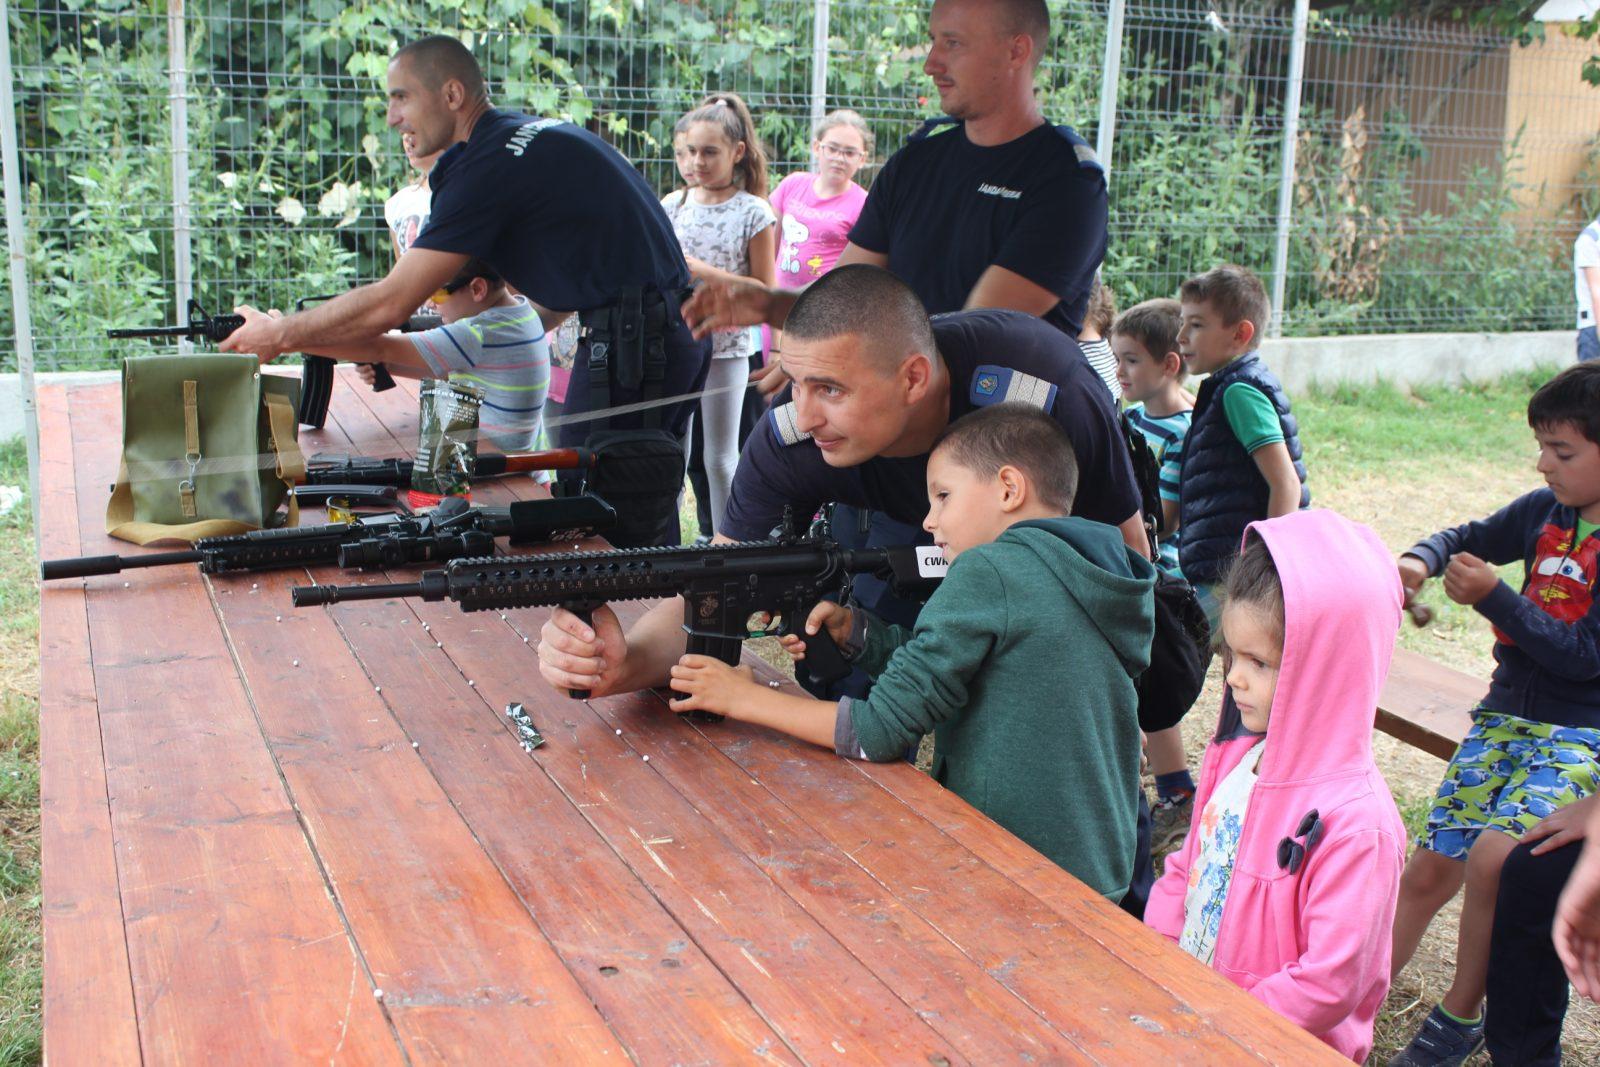 Jandarmii în tabără! Activităţi preventiv educative în cadrul taberei de la Mărtineşti